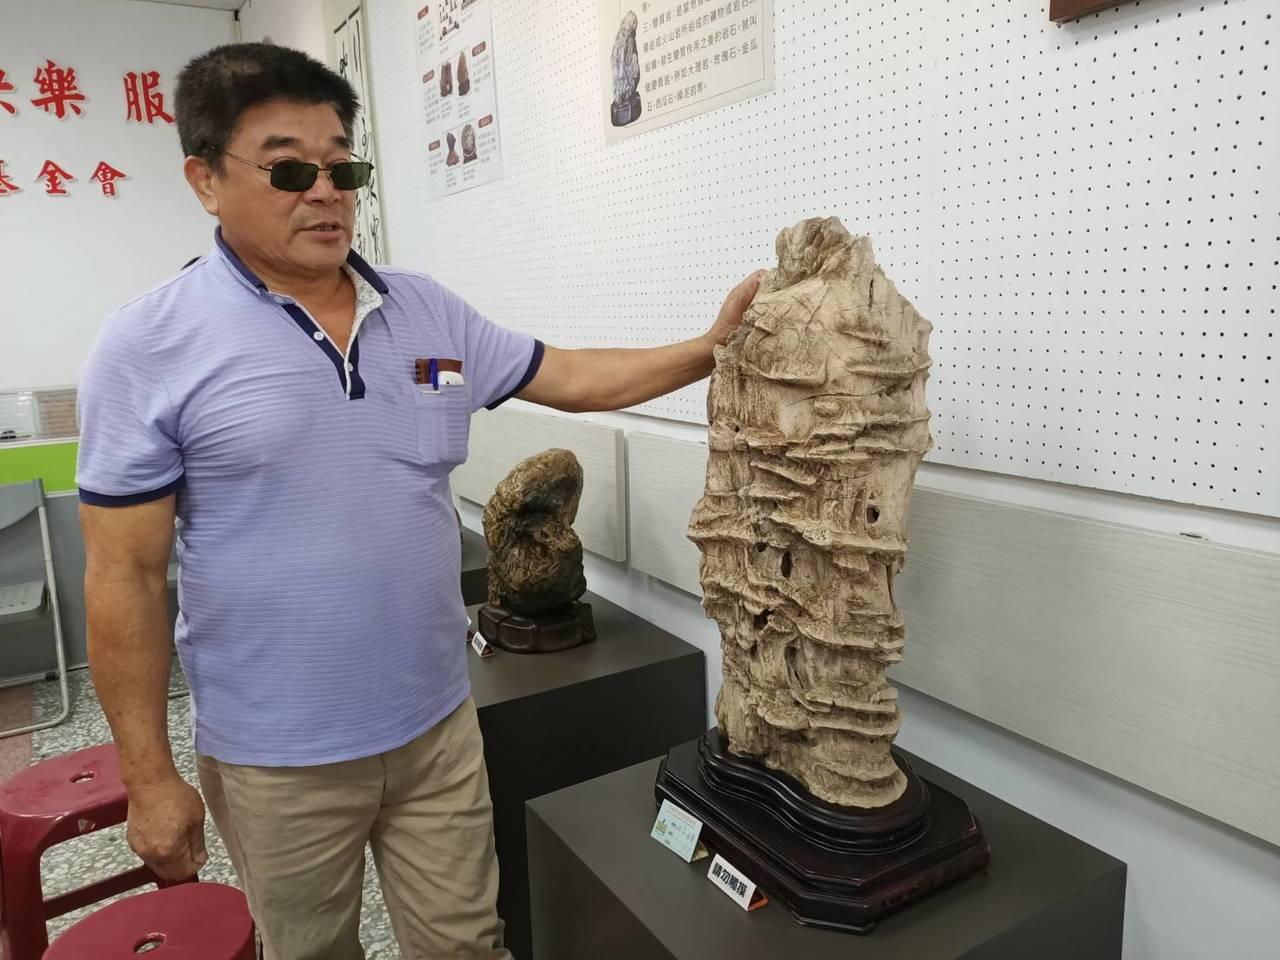 嘉義石頭狂人柯冬雄收藏的魚骨石是由鯨魚龍骨沉澱後形成,將在竹崎文化藝術基金會展出...